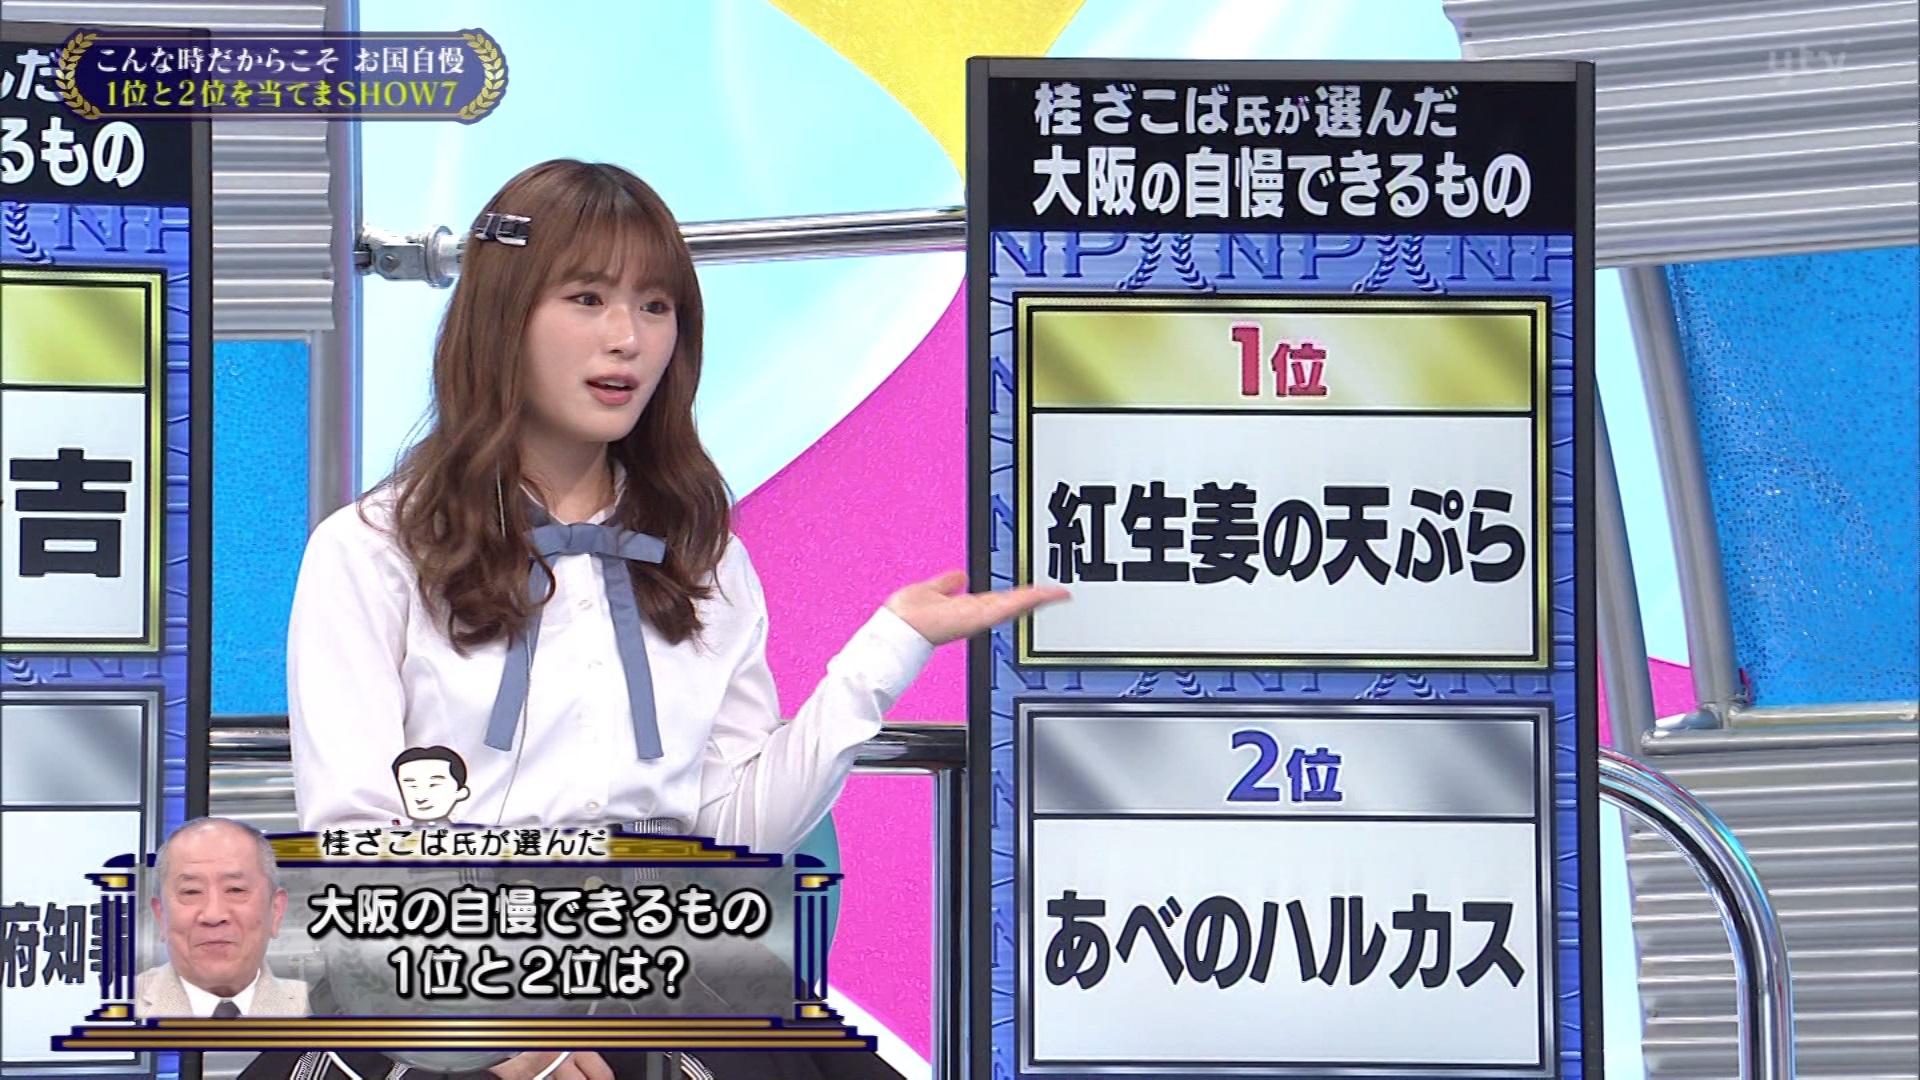 【渋谷凪咲】なぎさ出演5/17放送「そこまで言って委員会NP」の実況と画像など。